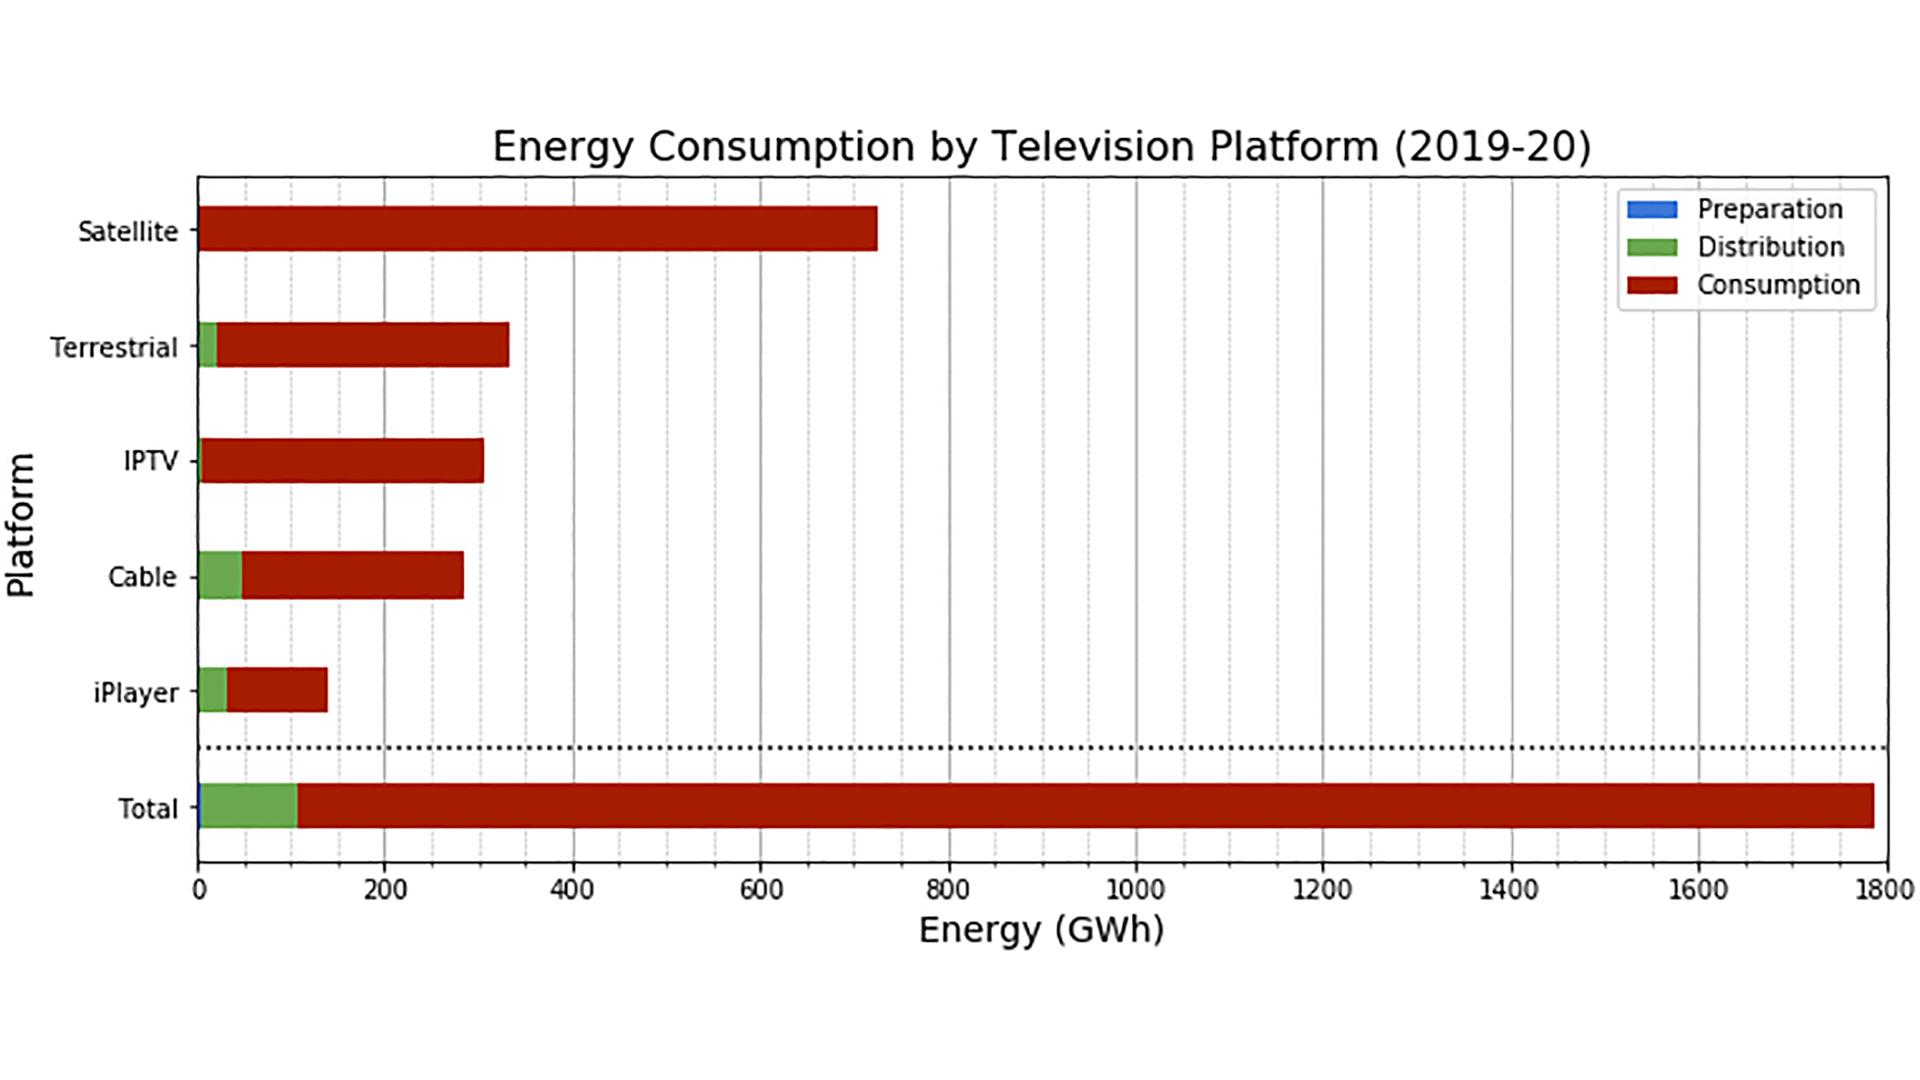 1a - TV. Studio BBC: ricezione satellitare la più energivora. Meno CO₂ con DTT e soprattutto IP Tv